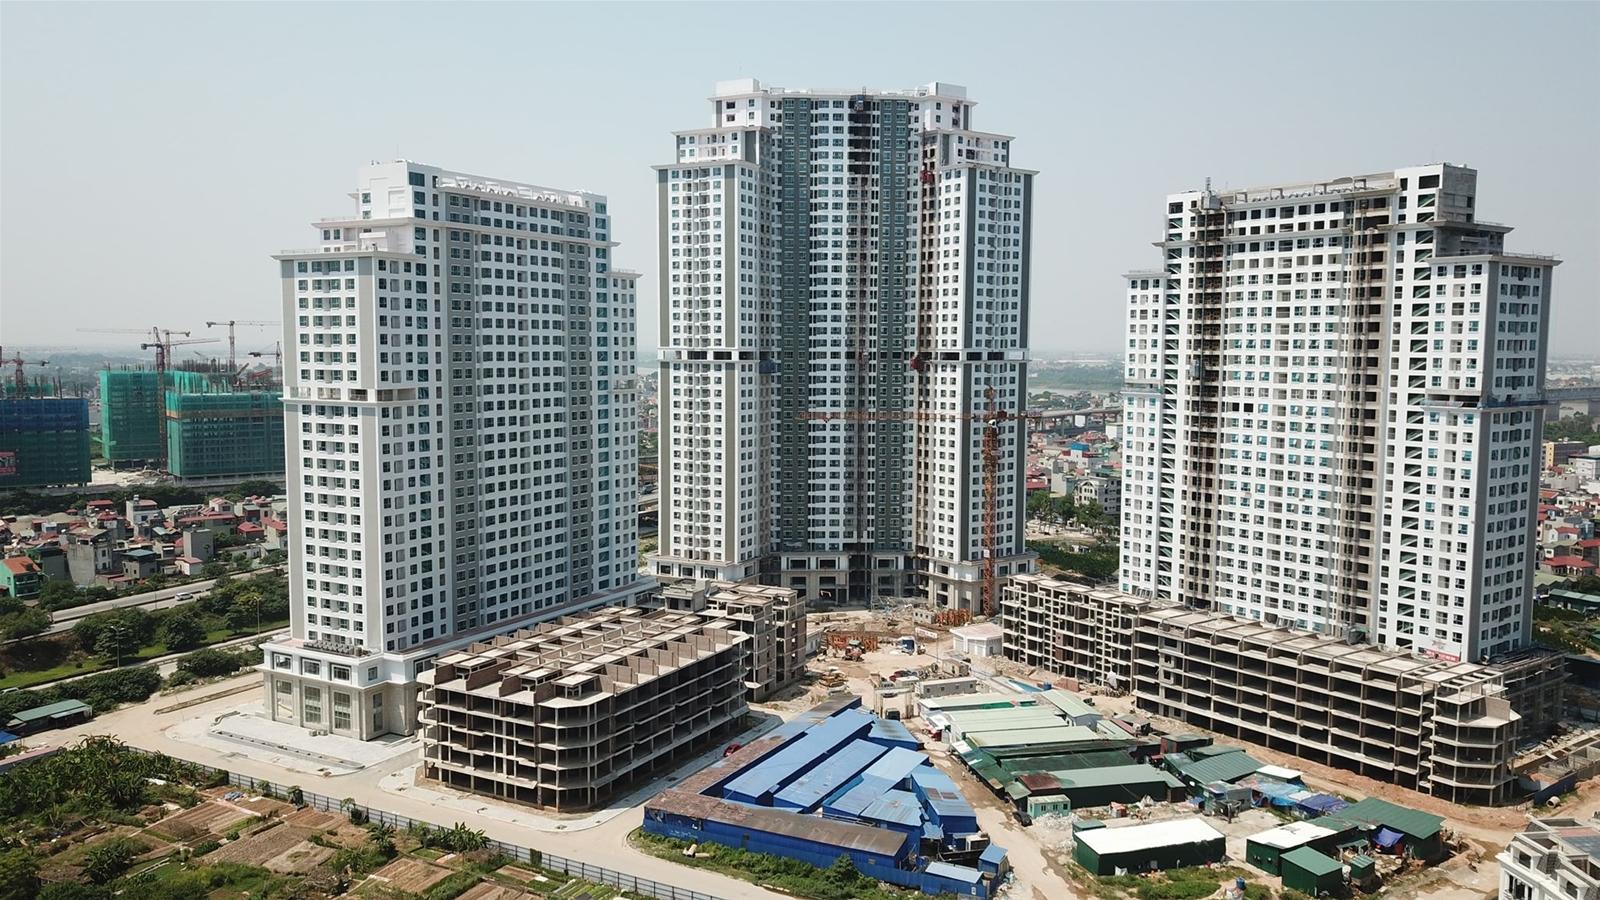 3 tòa chung cư cao tầng